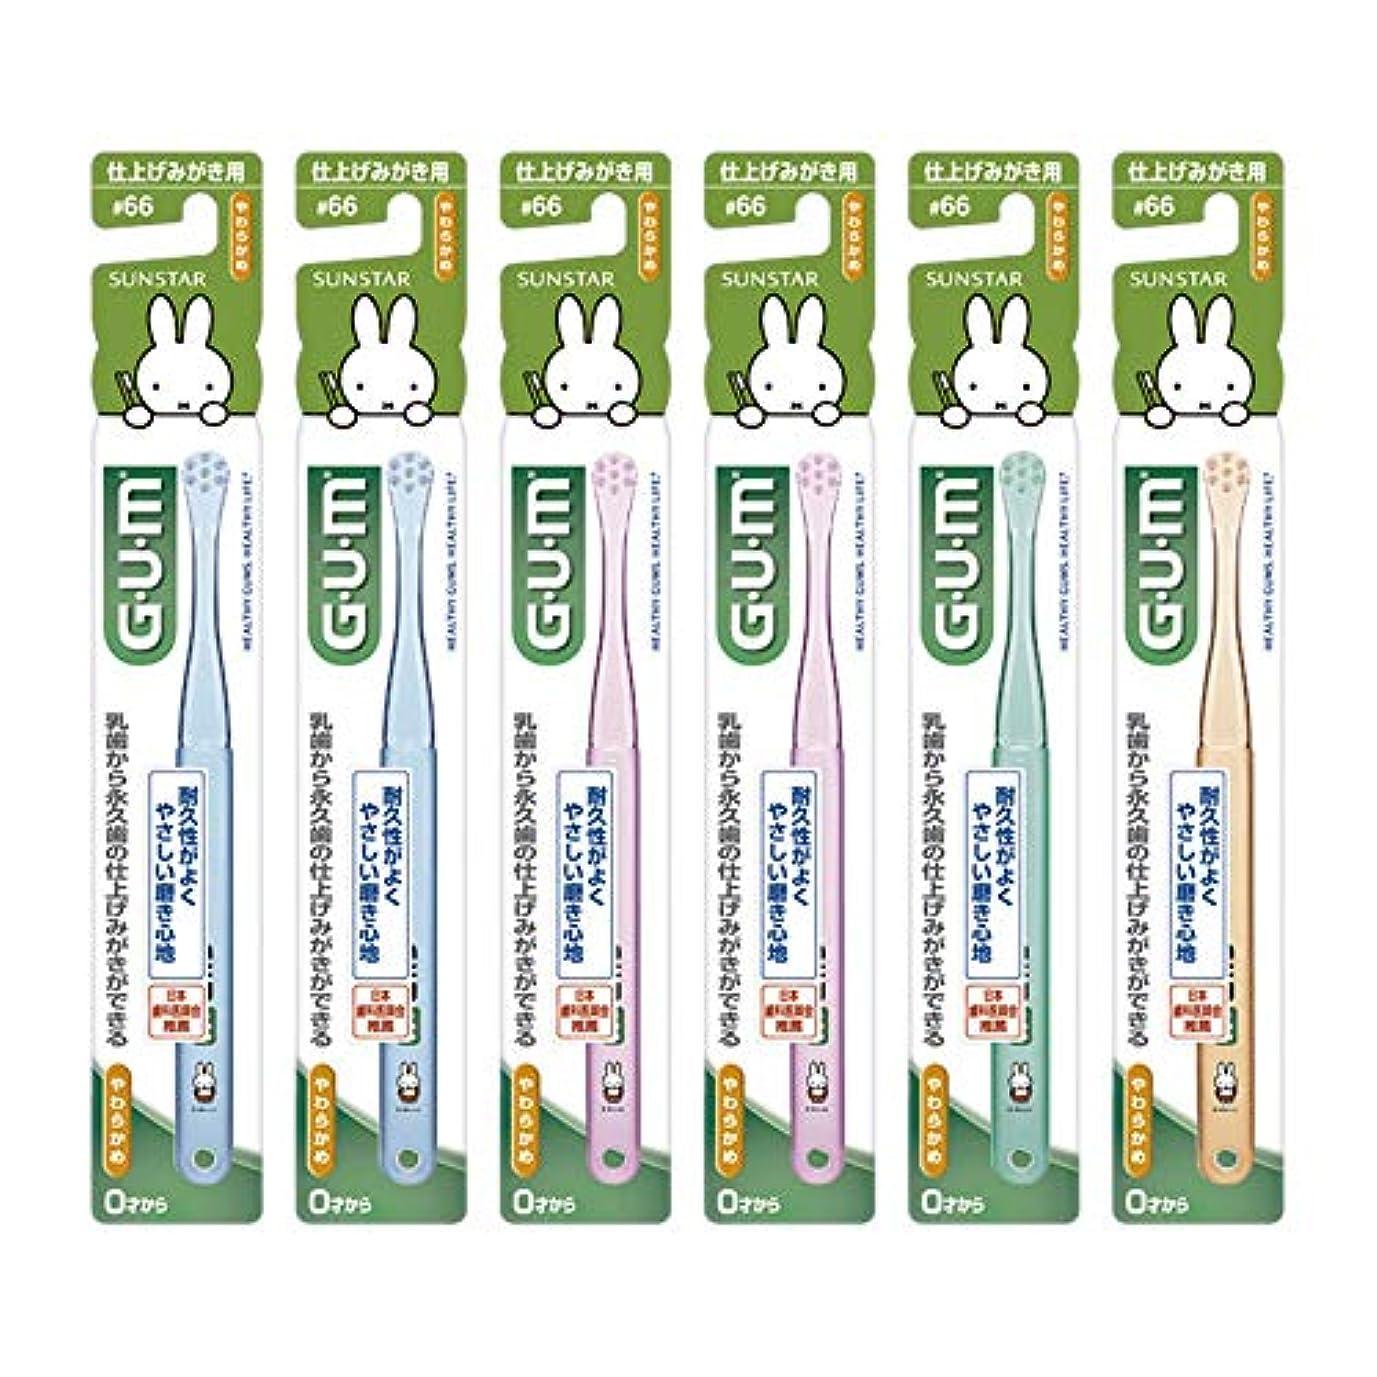 過度の倫理送信するGUM(ガム) デンタル こども 歯ブラシ #66 [仕上げみがき用/やわらかめ] 6本パック+ おまけつき【Amazon.co.jp限定】